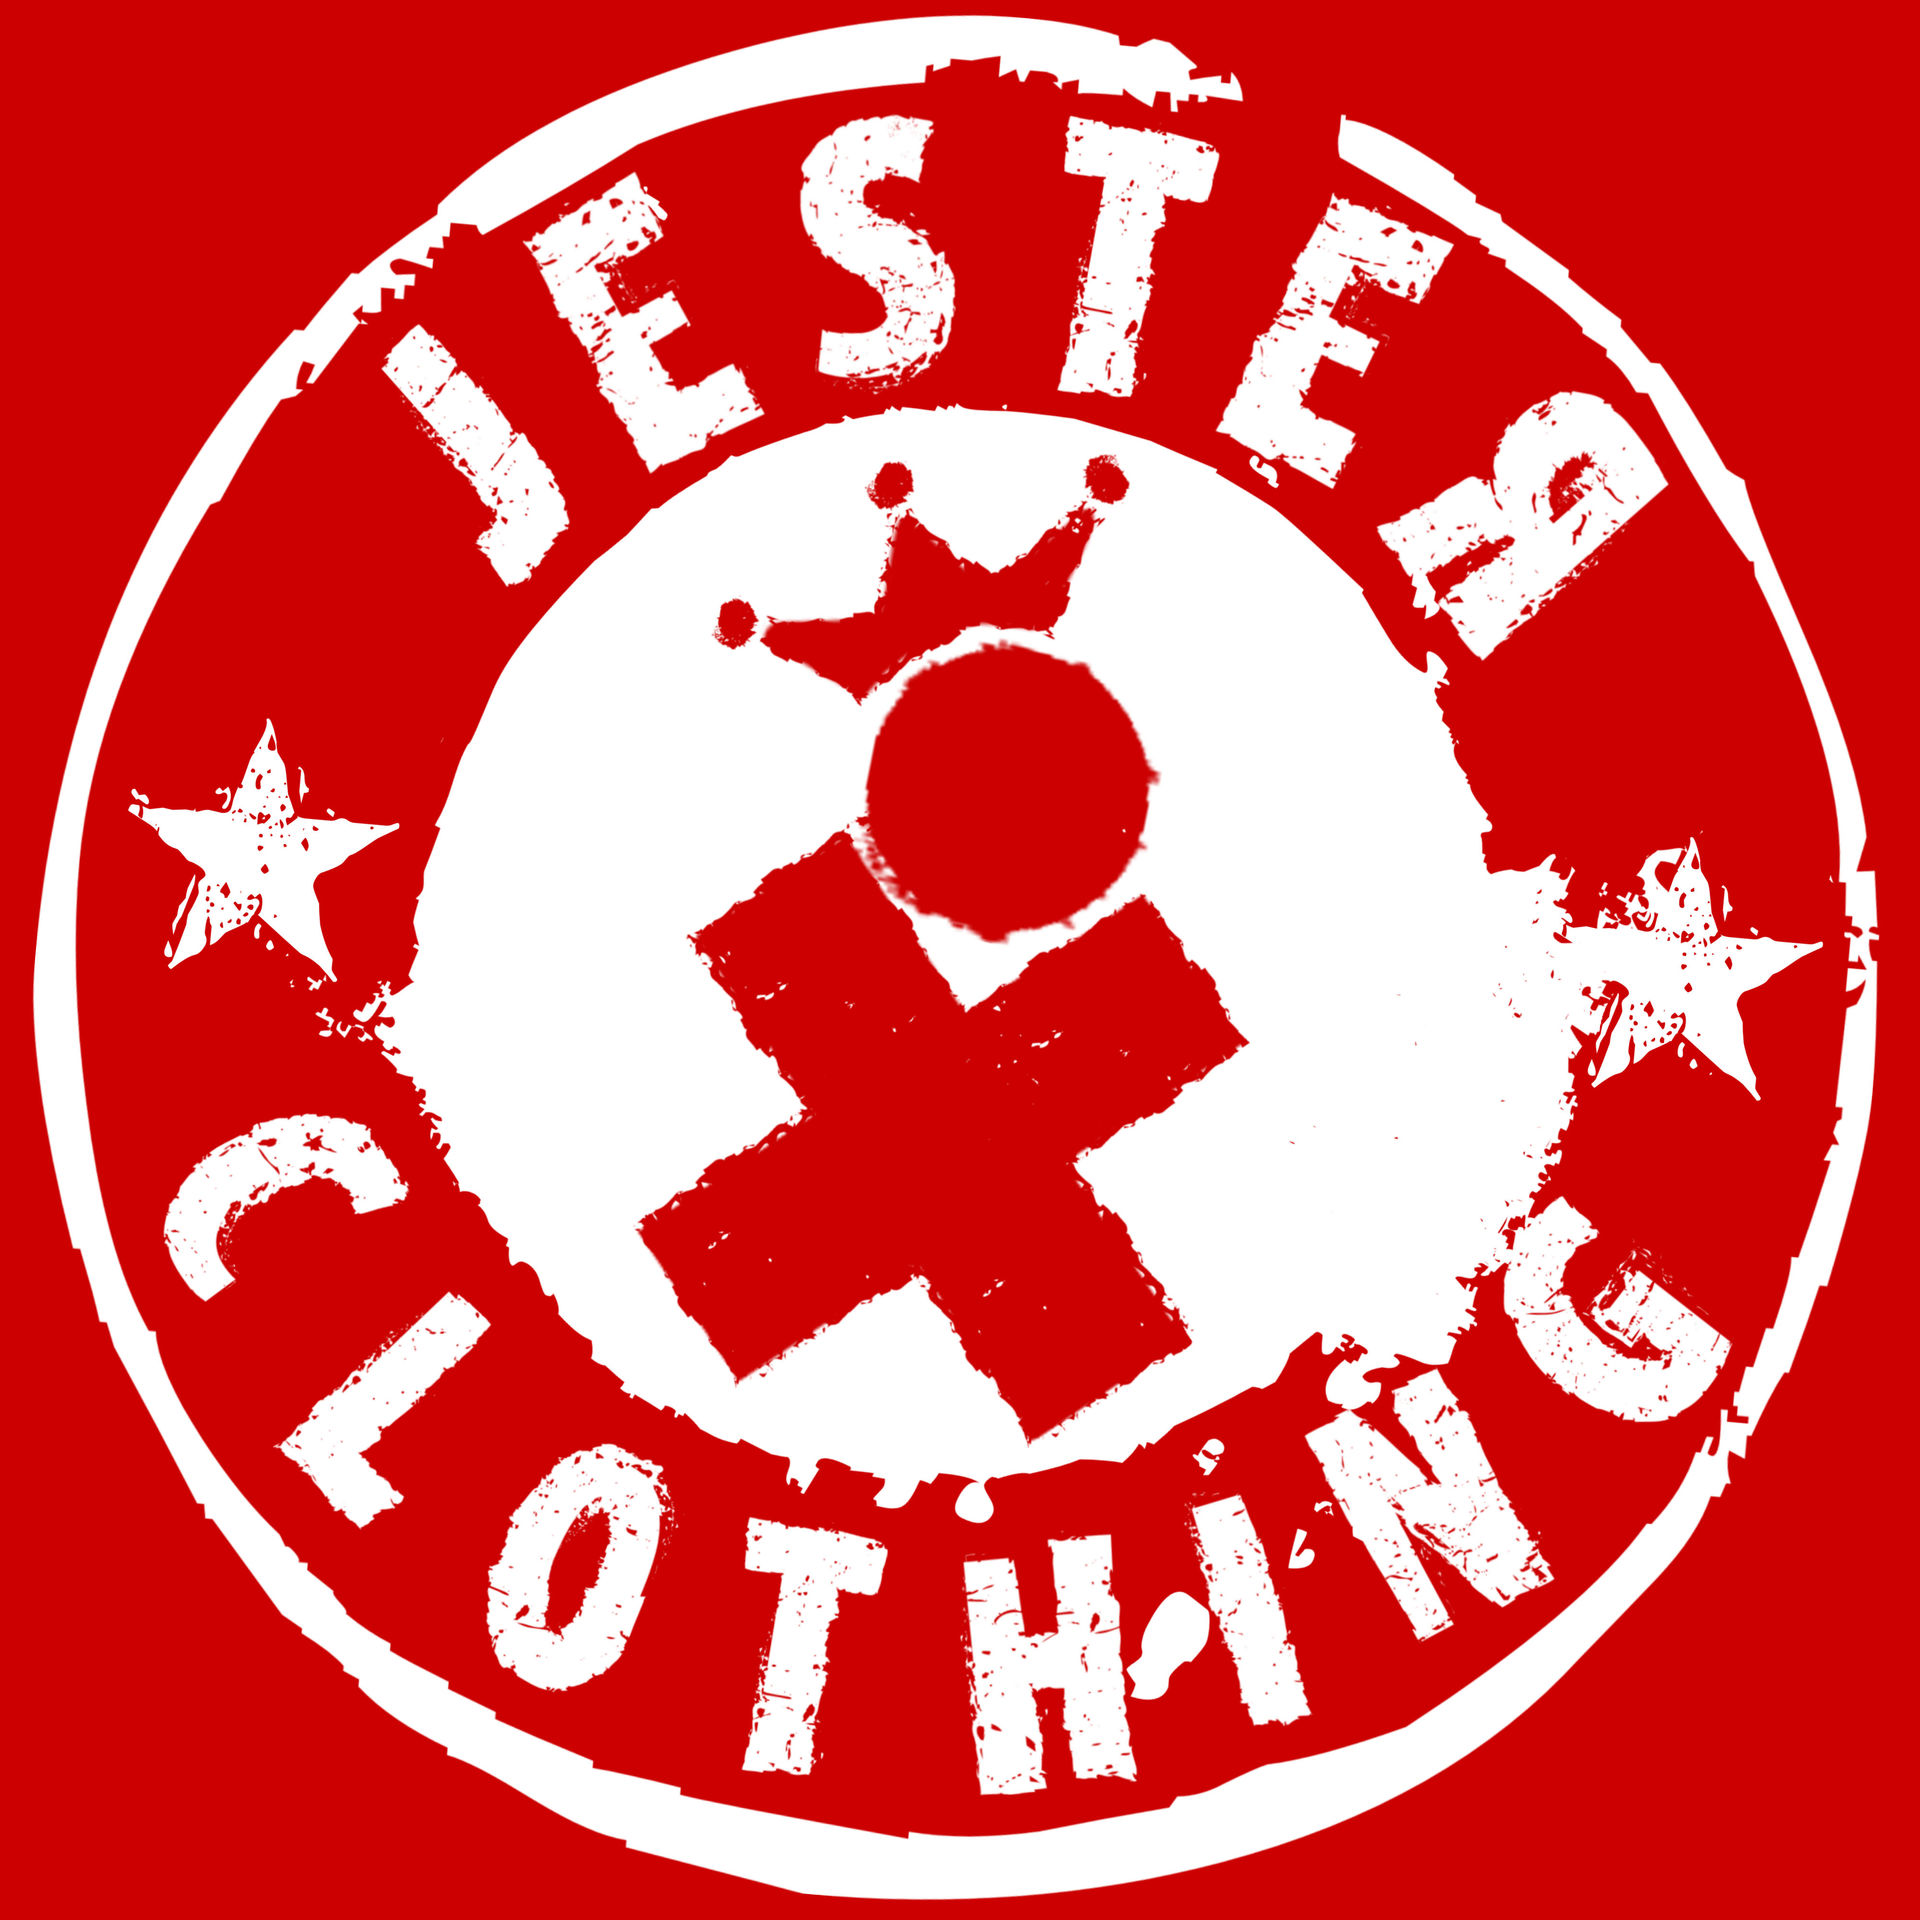 JESTEЯ CLOTHING CO